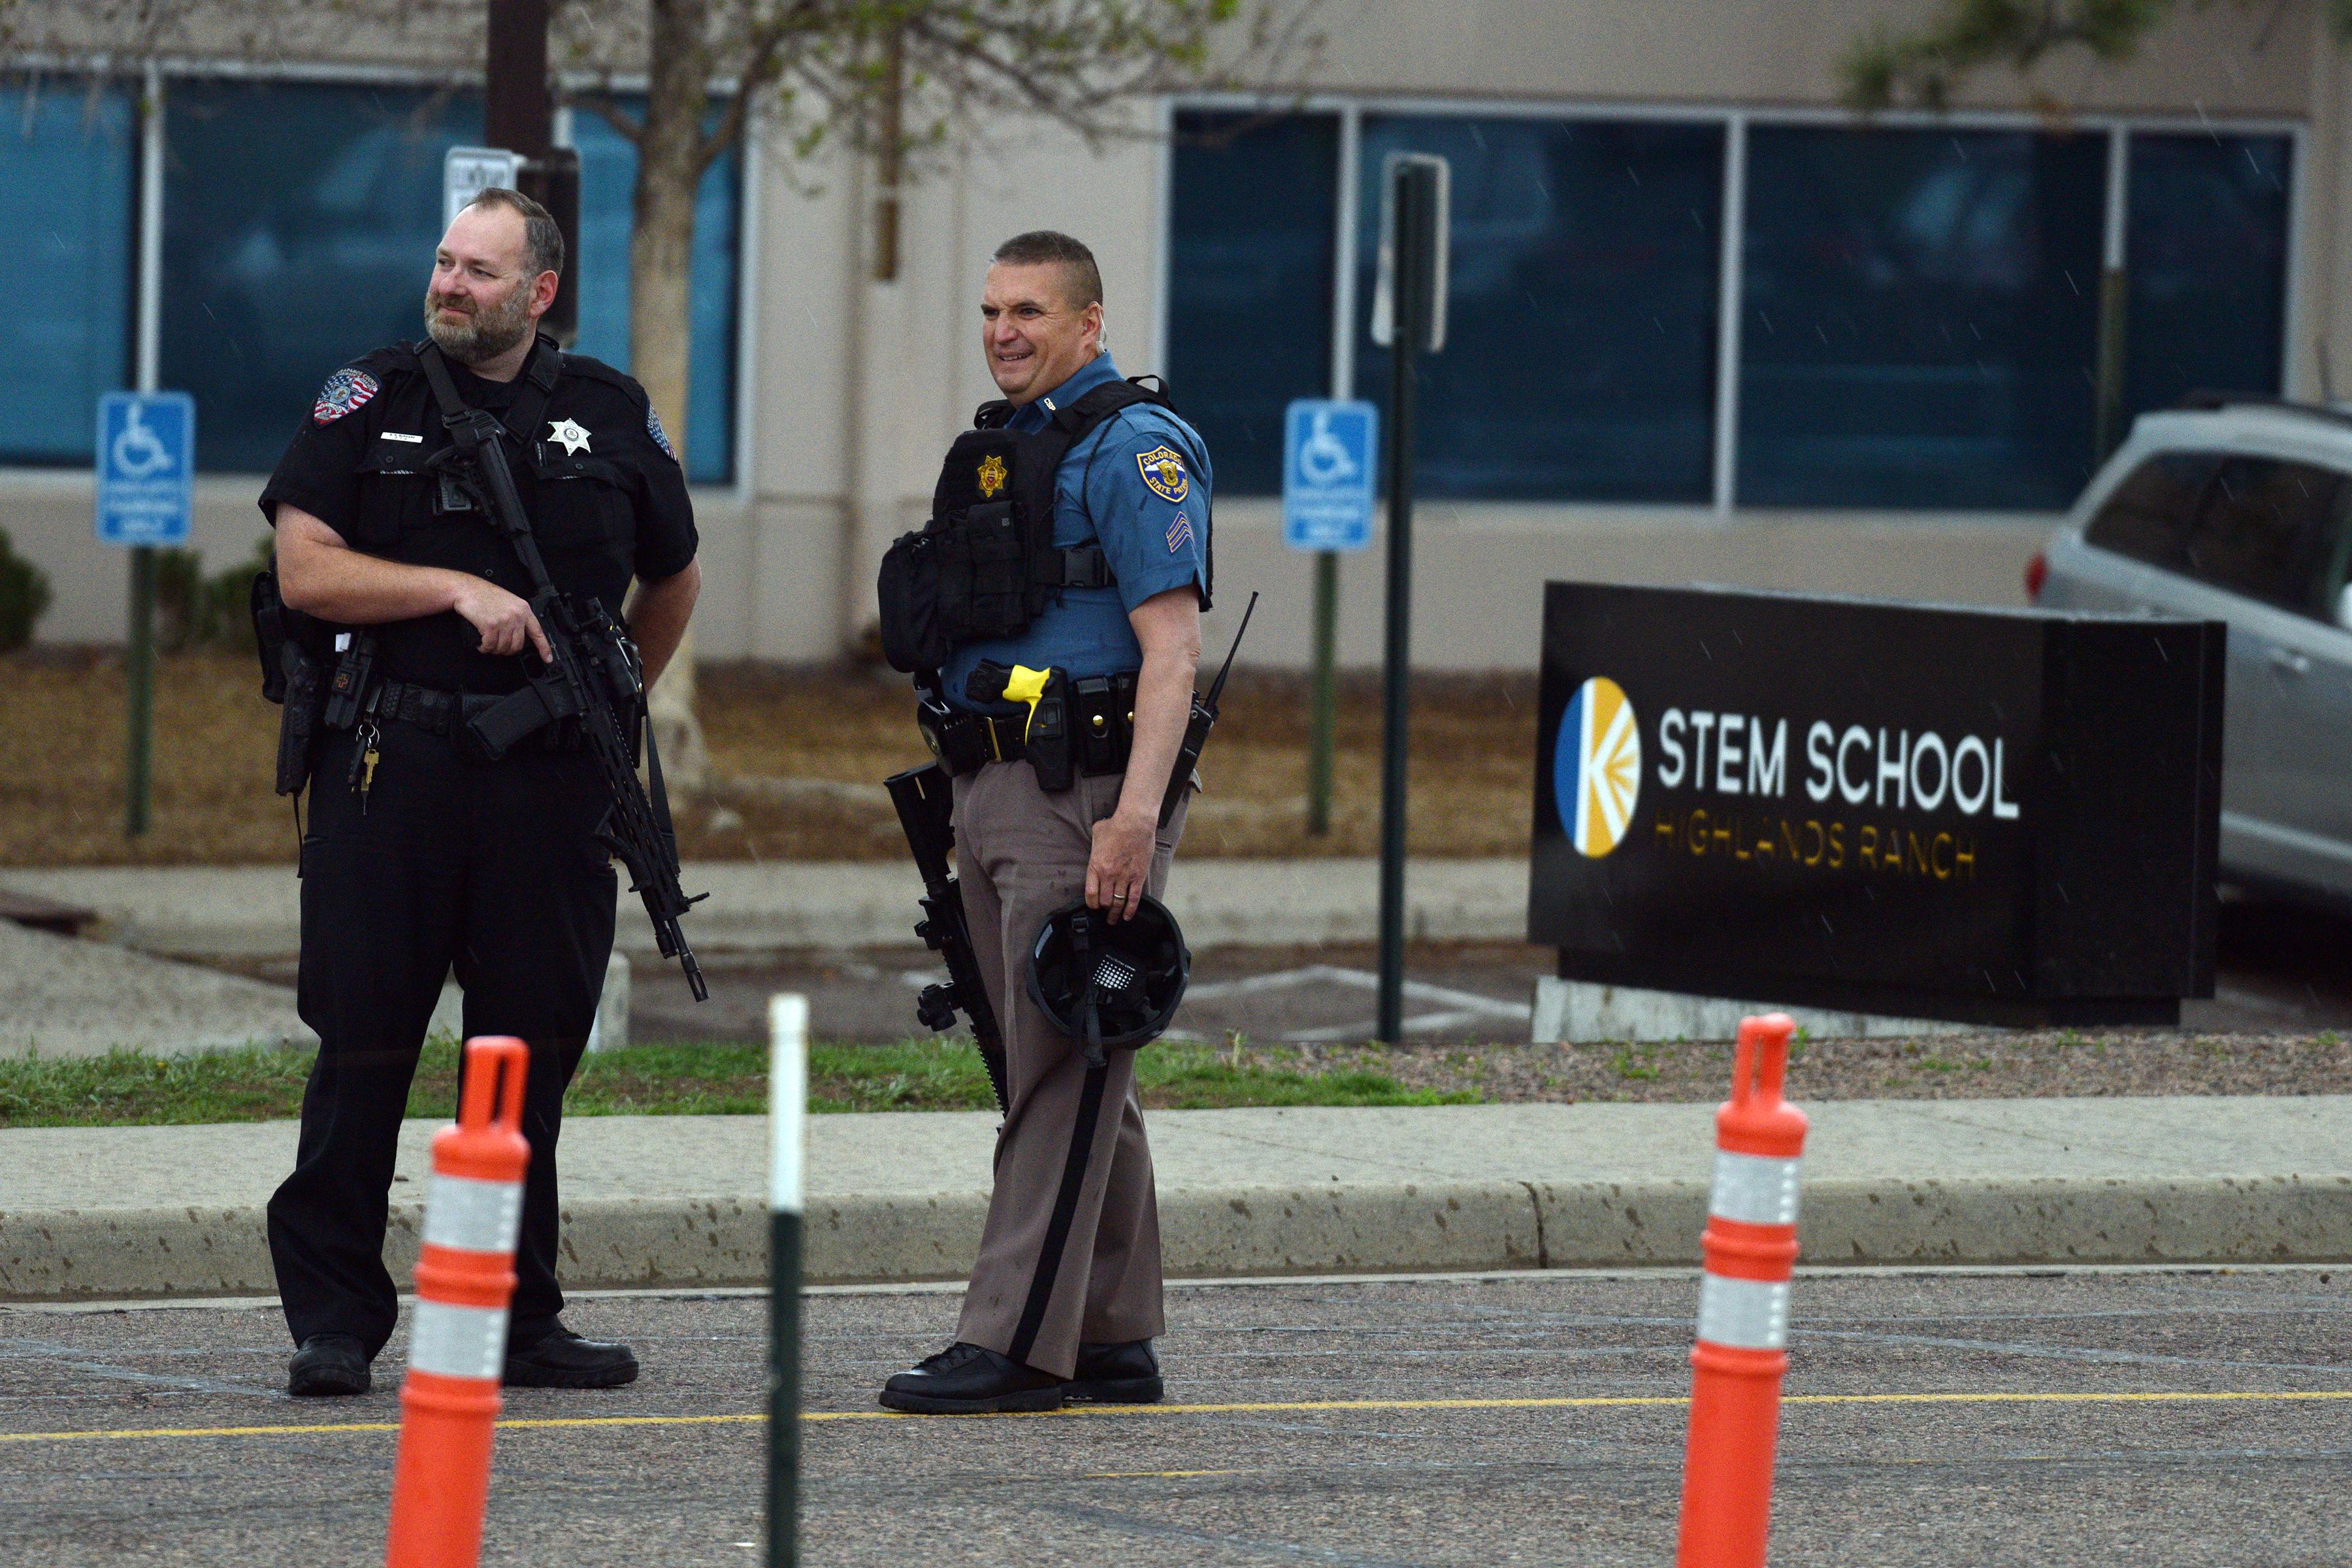 Iskolai lövöldözés volt Coloradóban